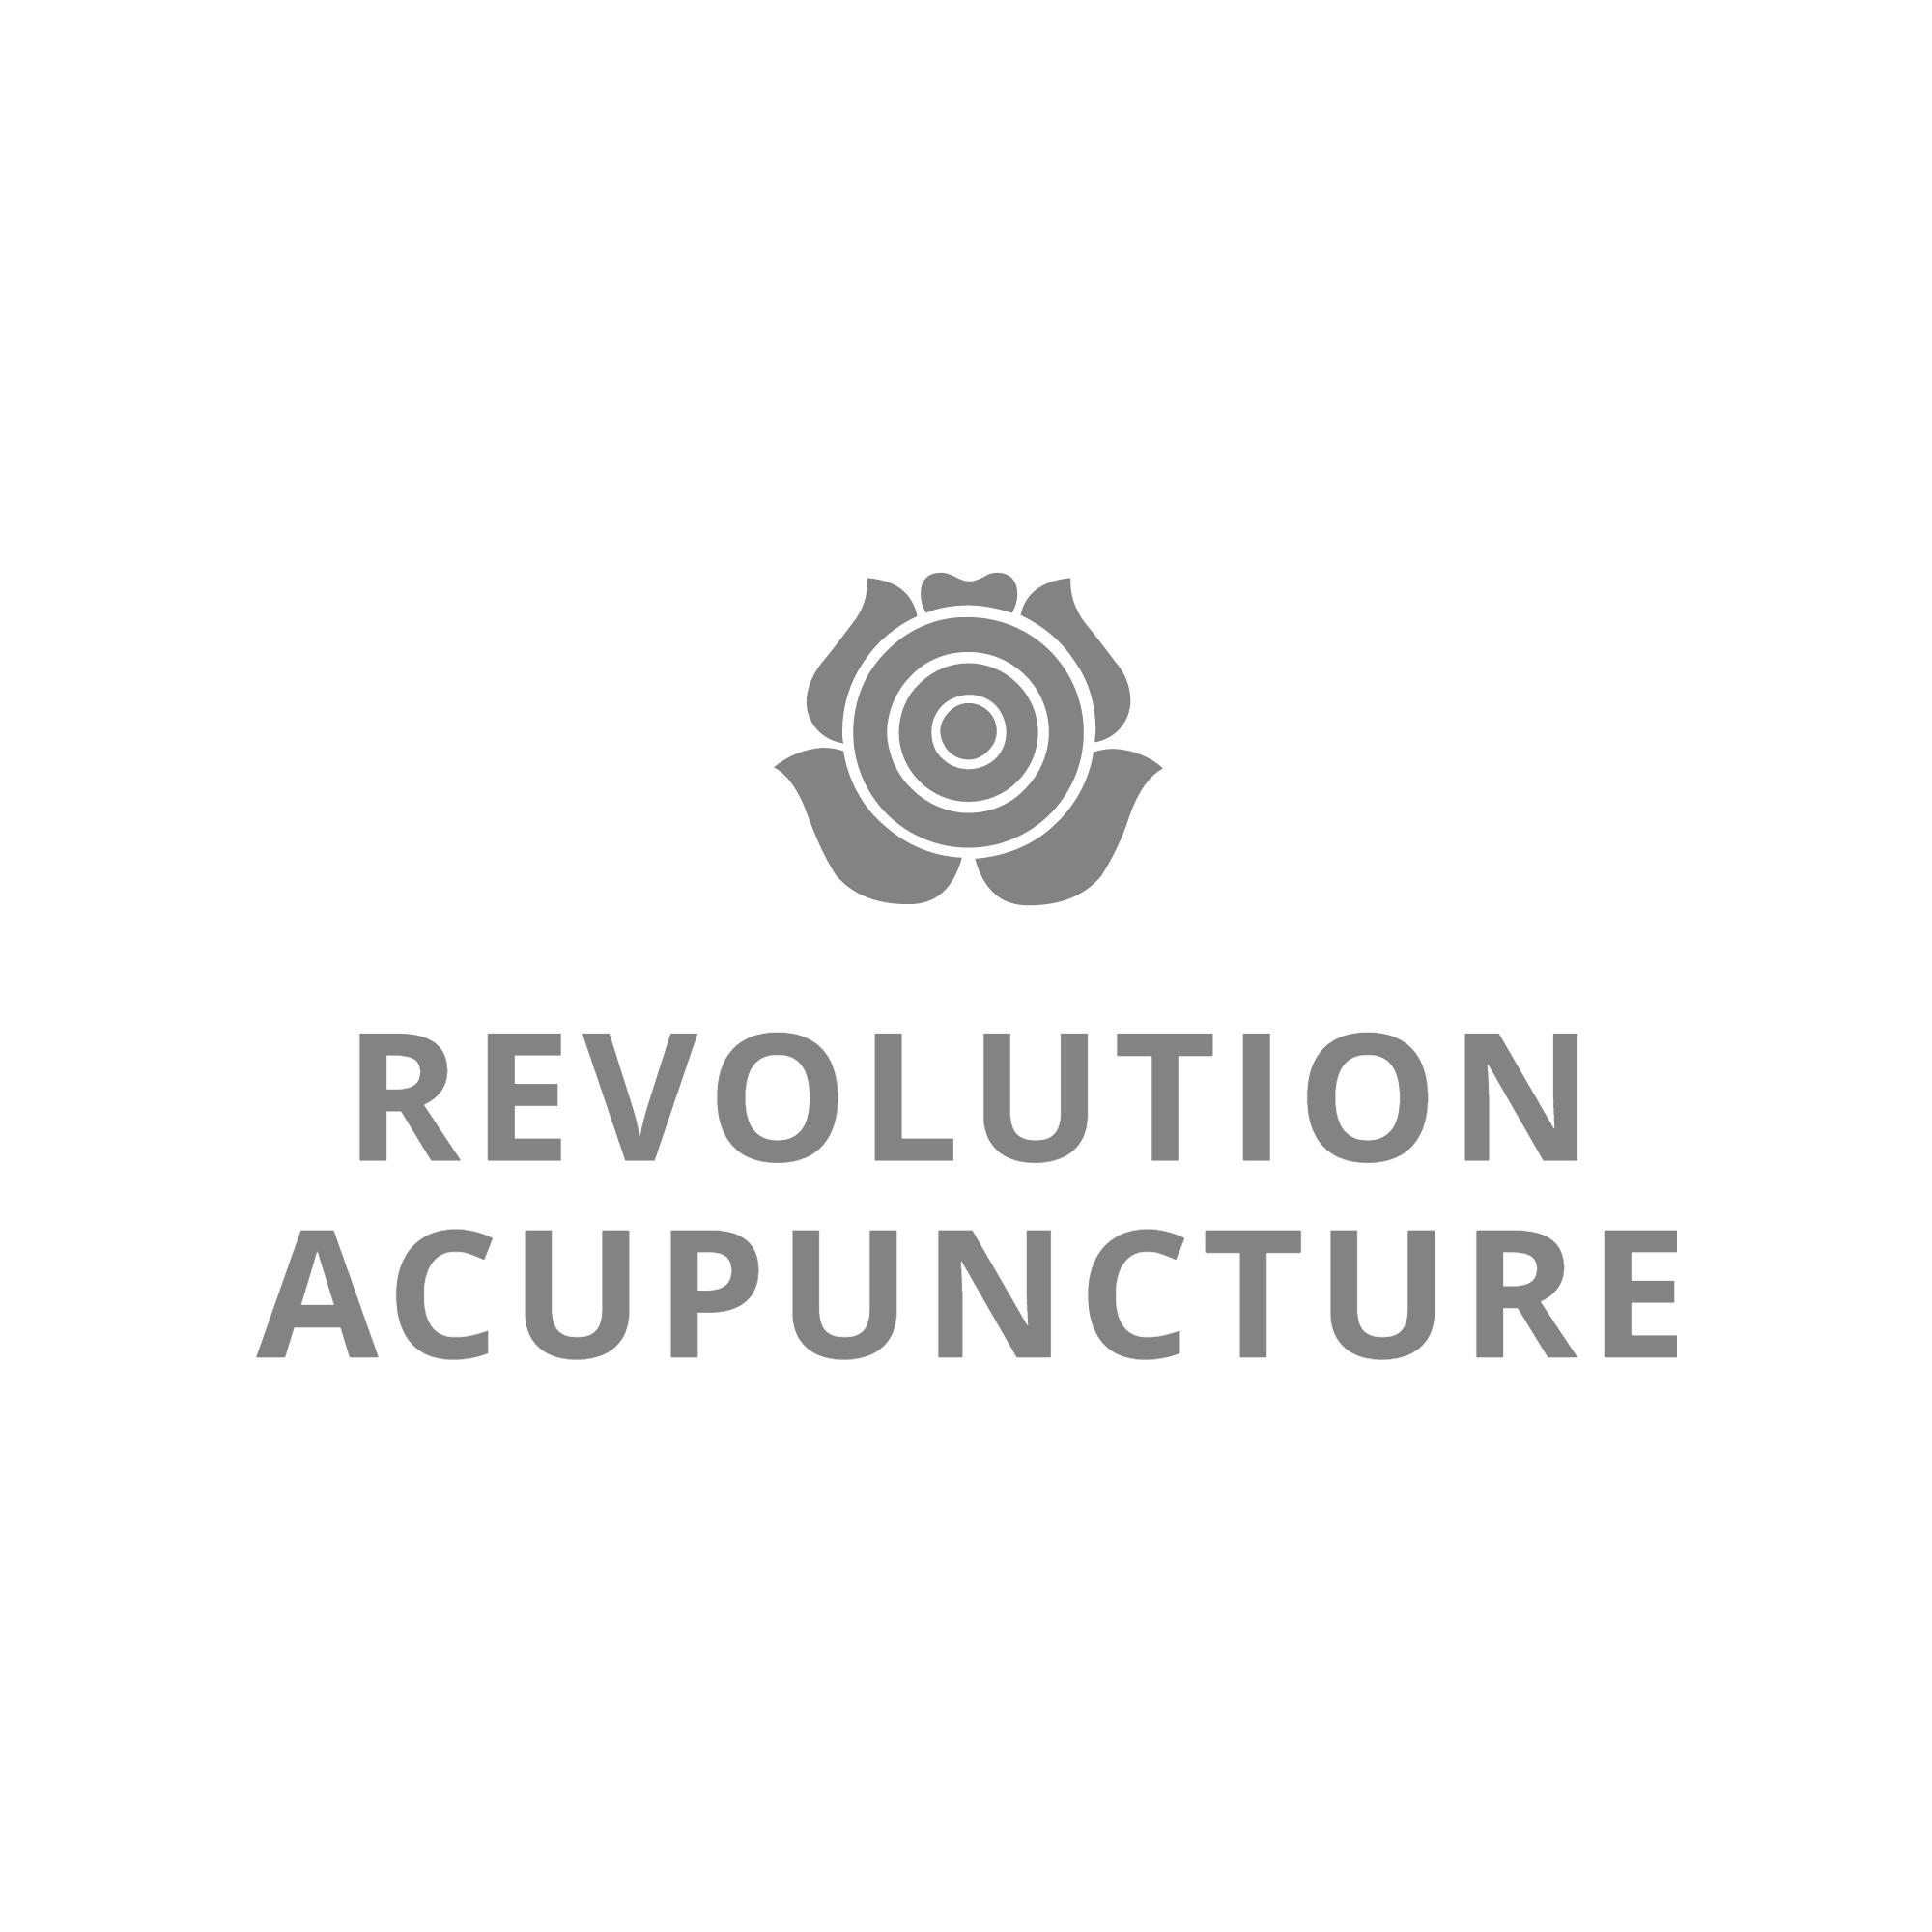 Revolution Acupuncture